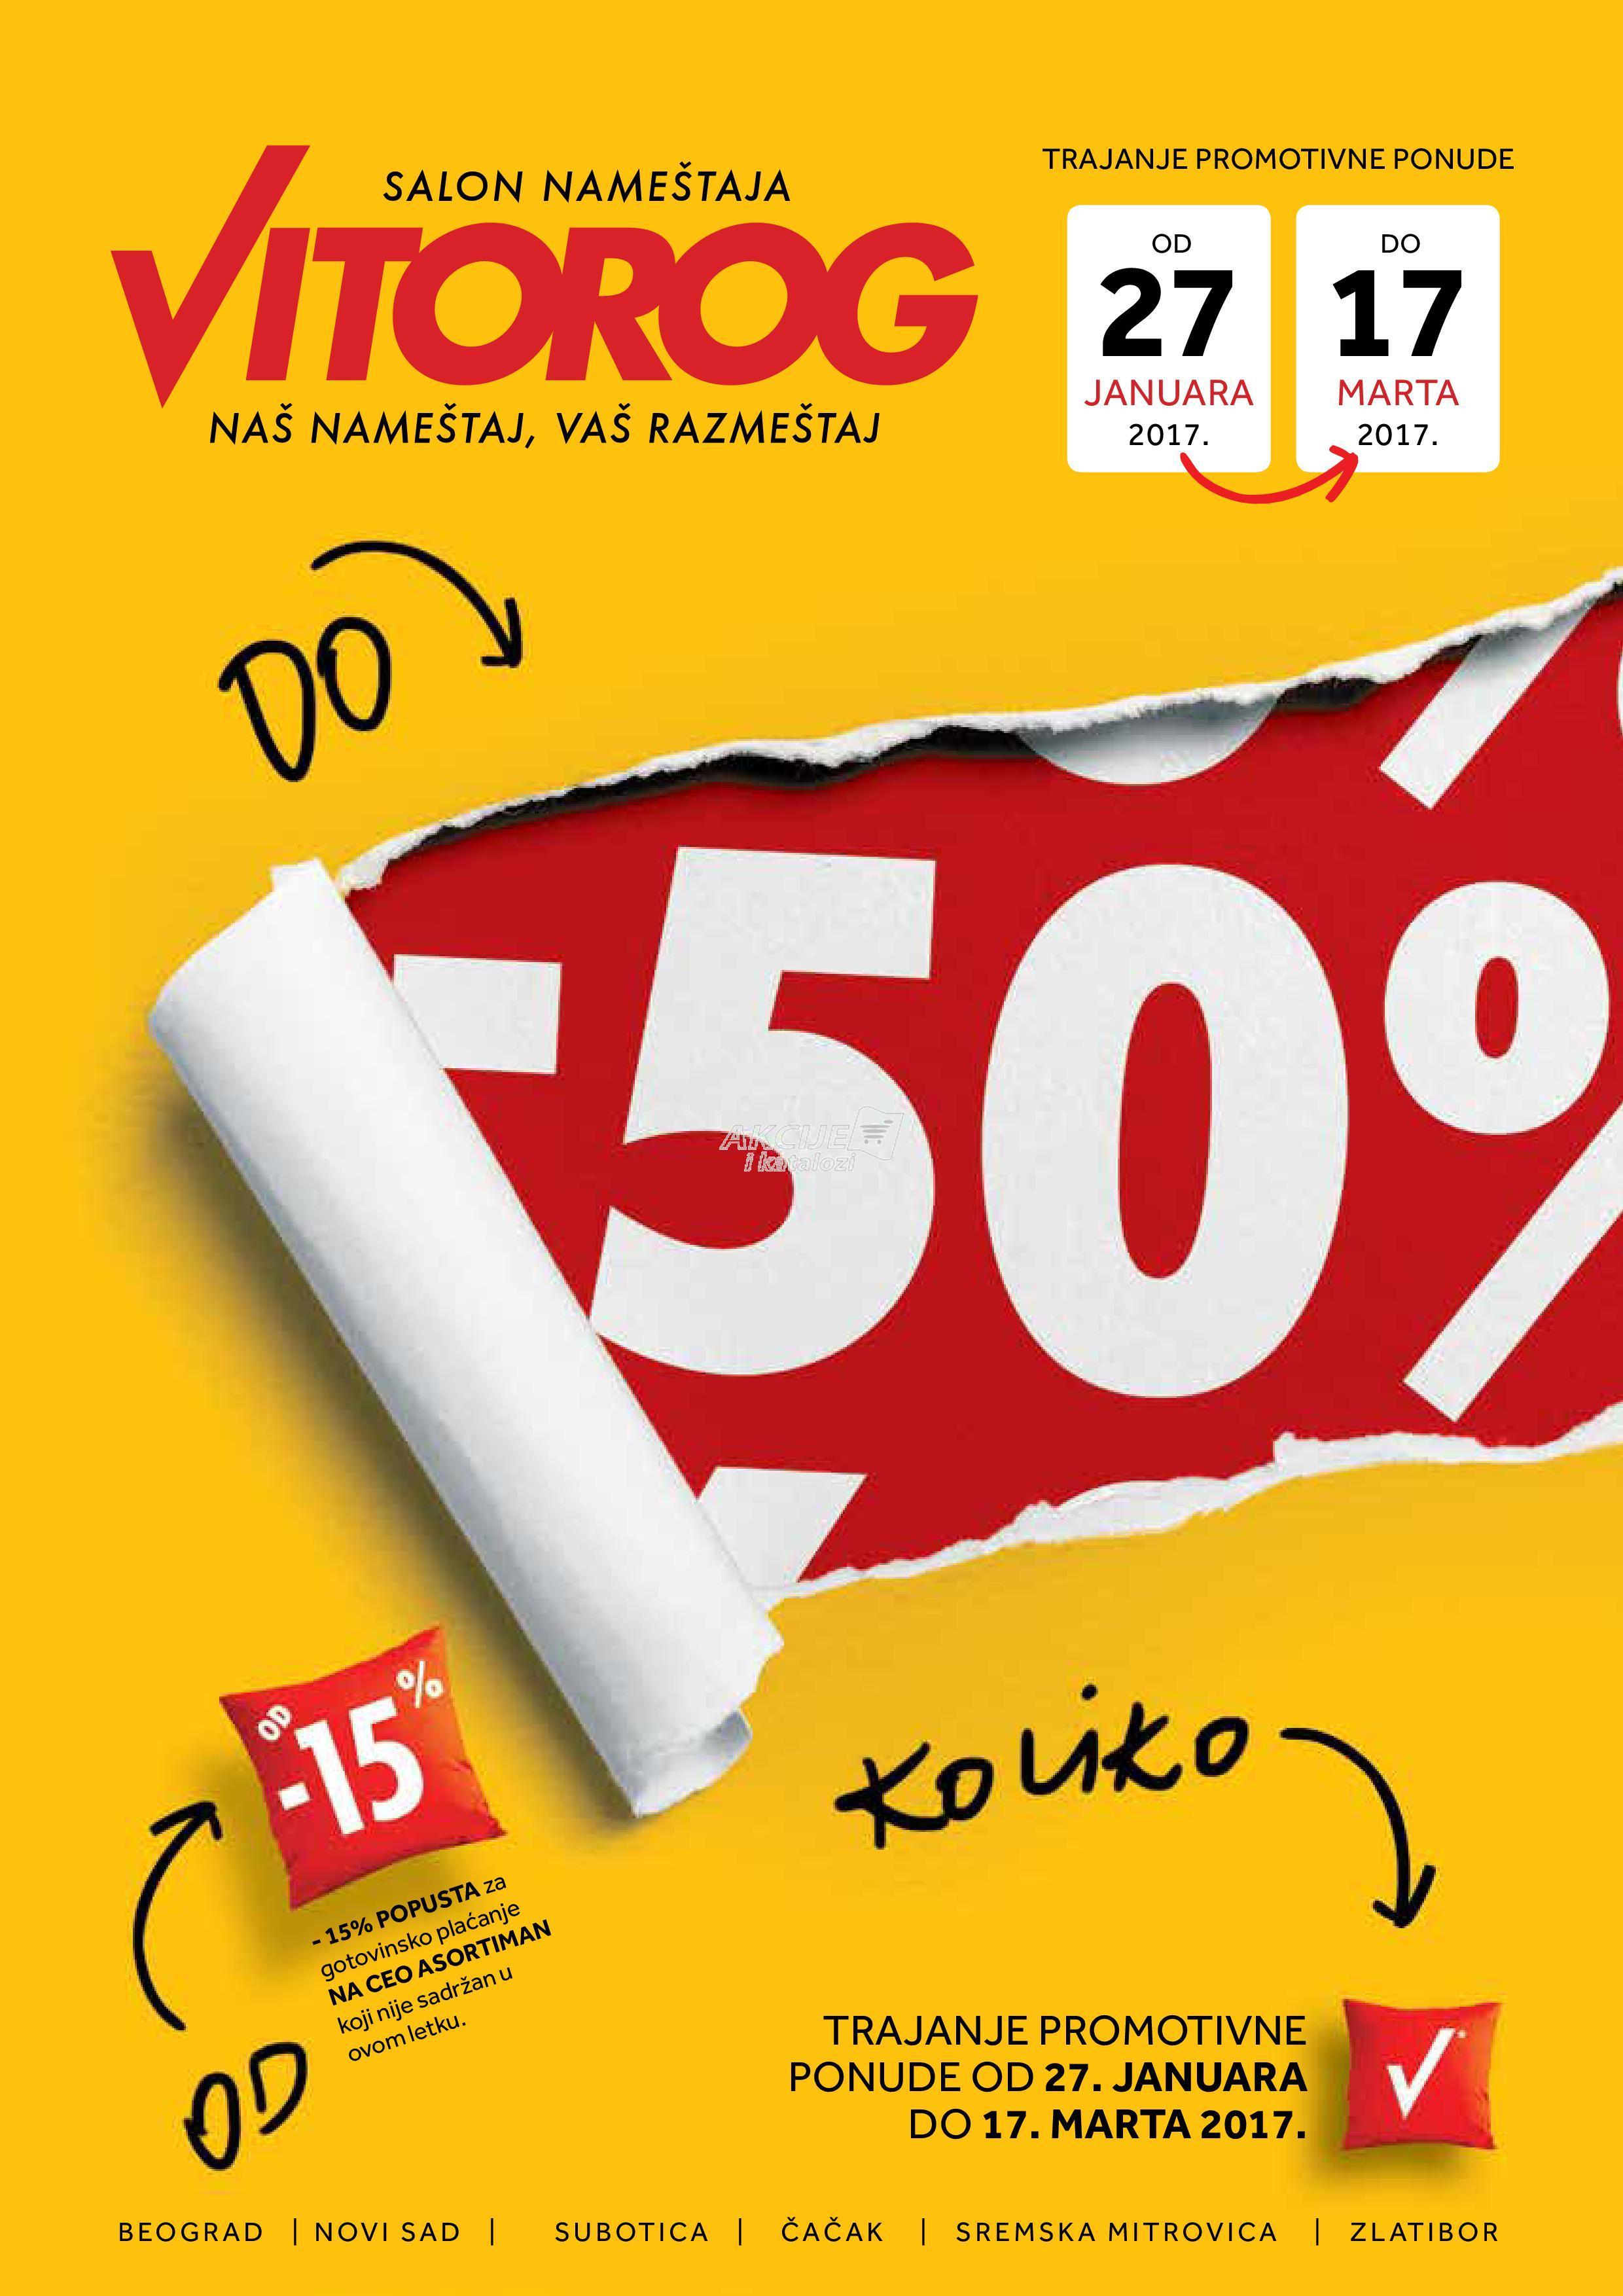 Vitorog - Redovna akcija odlične kupovine